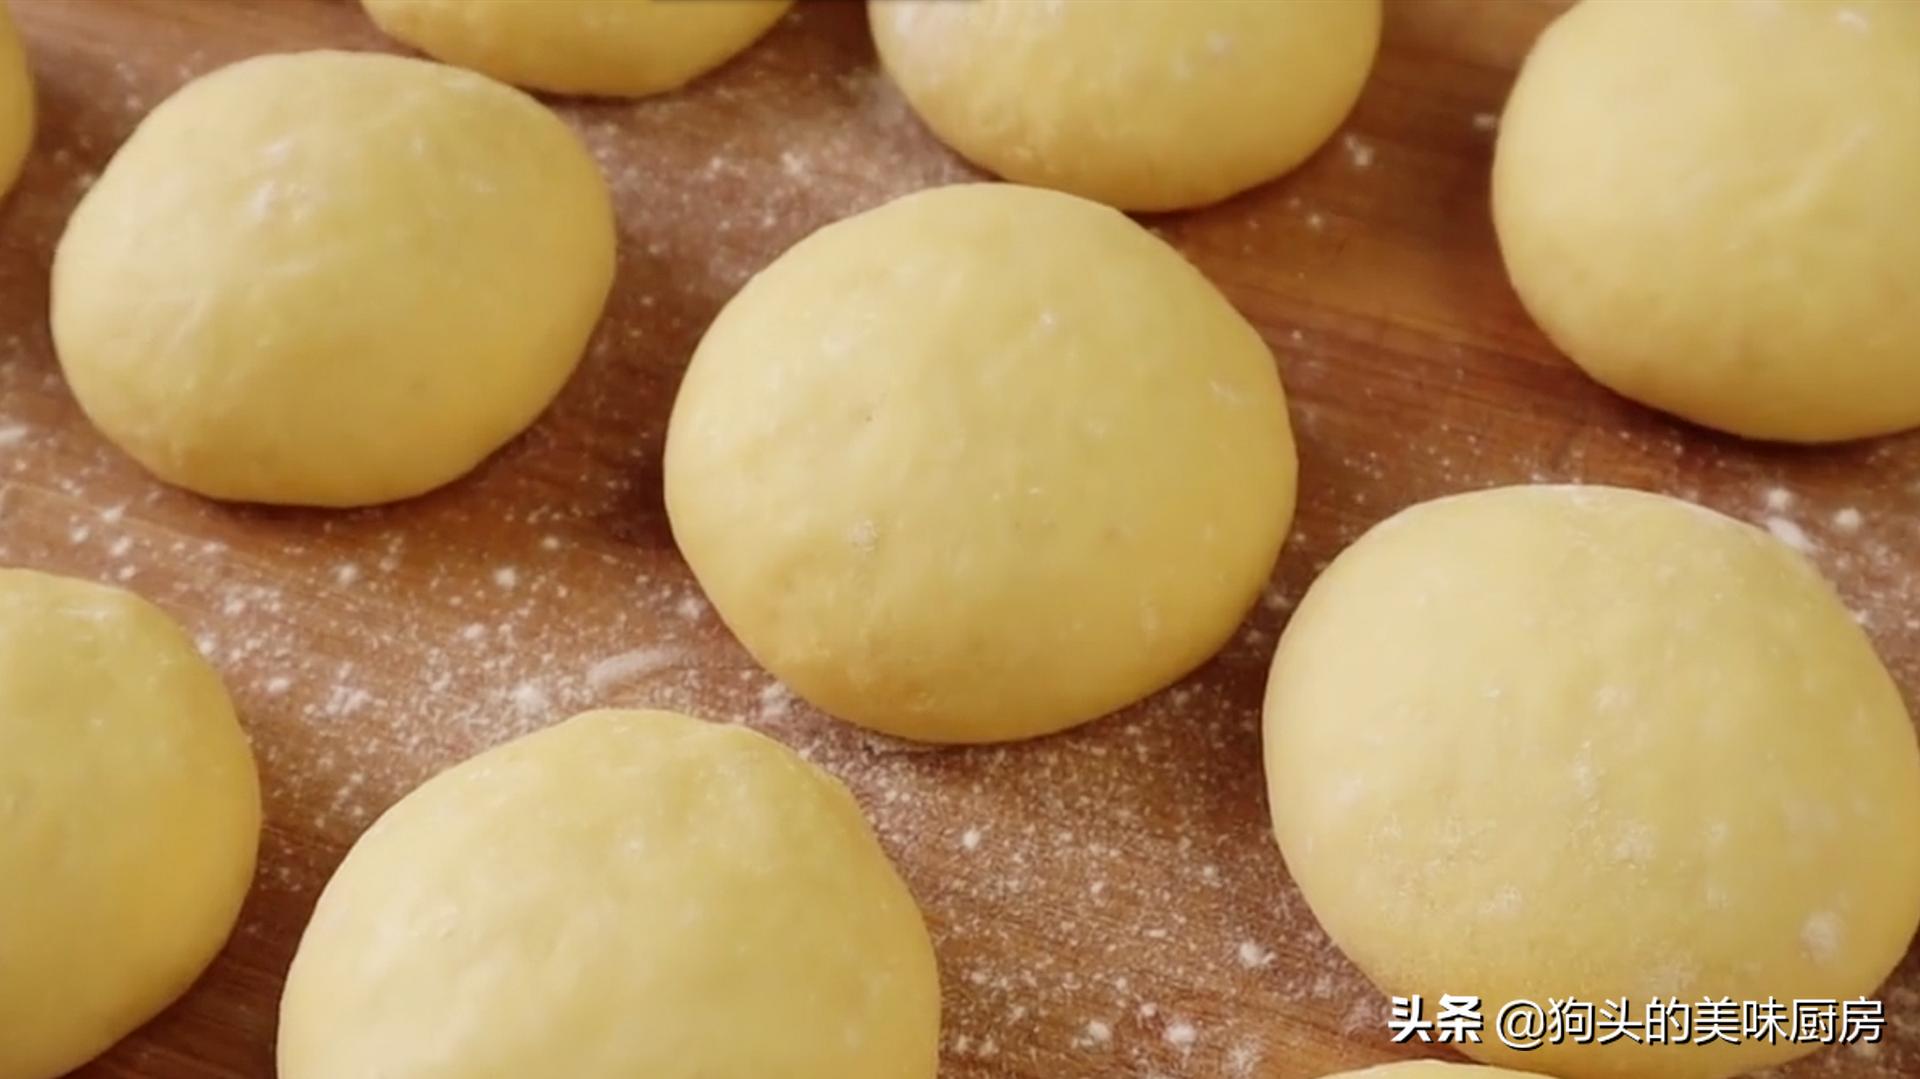 一碗面粉,3个鸡蛋,手指一戳一转,香甜松软,比买的面包还好吃 美食做法 第13张